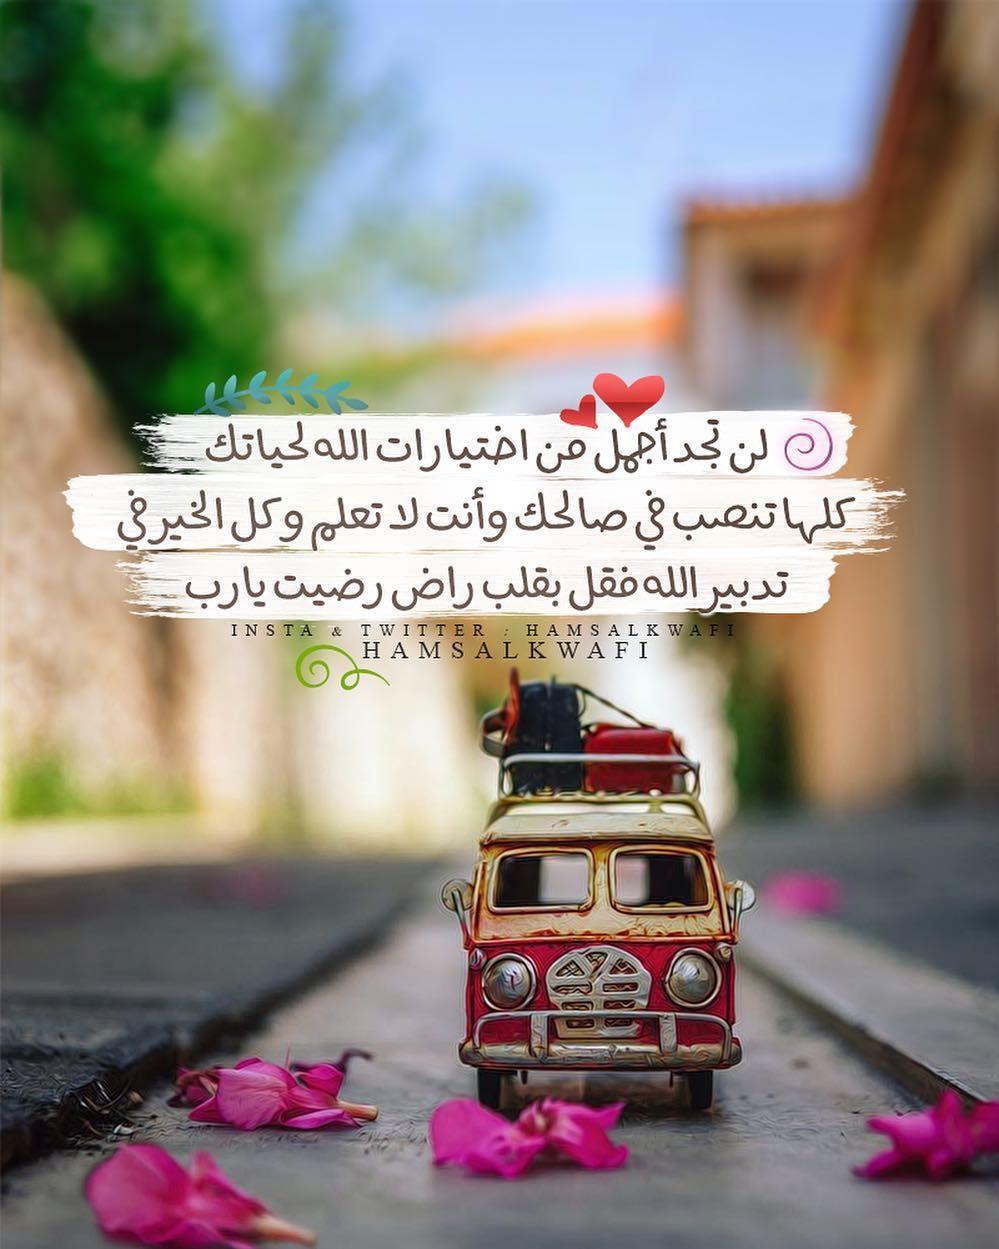 أمسيت و قد علمت إلهي ان لو أجتمع أهل الأرض ليضروني فلن يضروني بشئ لم تكتبه لي و إن Quran Quotes Love Funny Arabic Quotes Islamic Inspirational Quotes